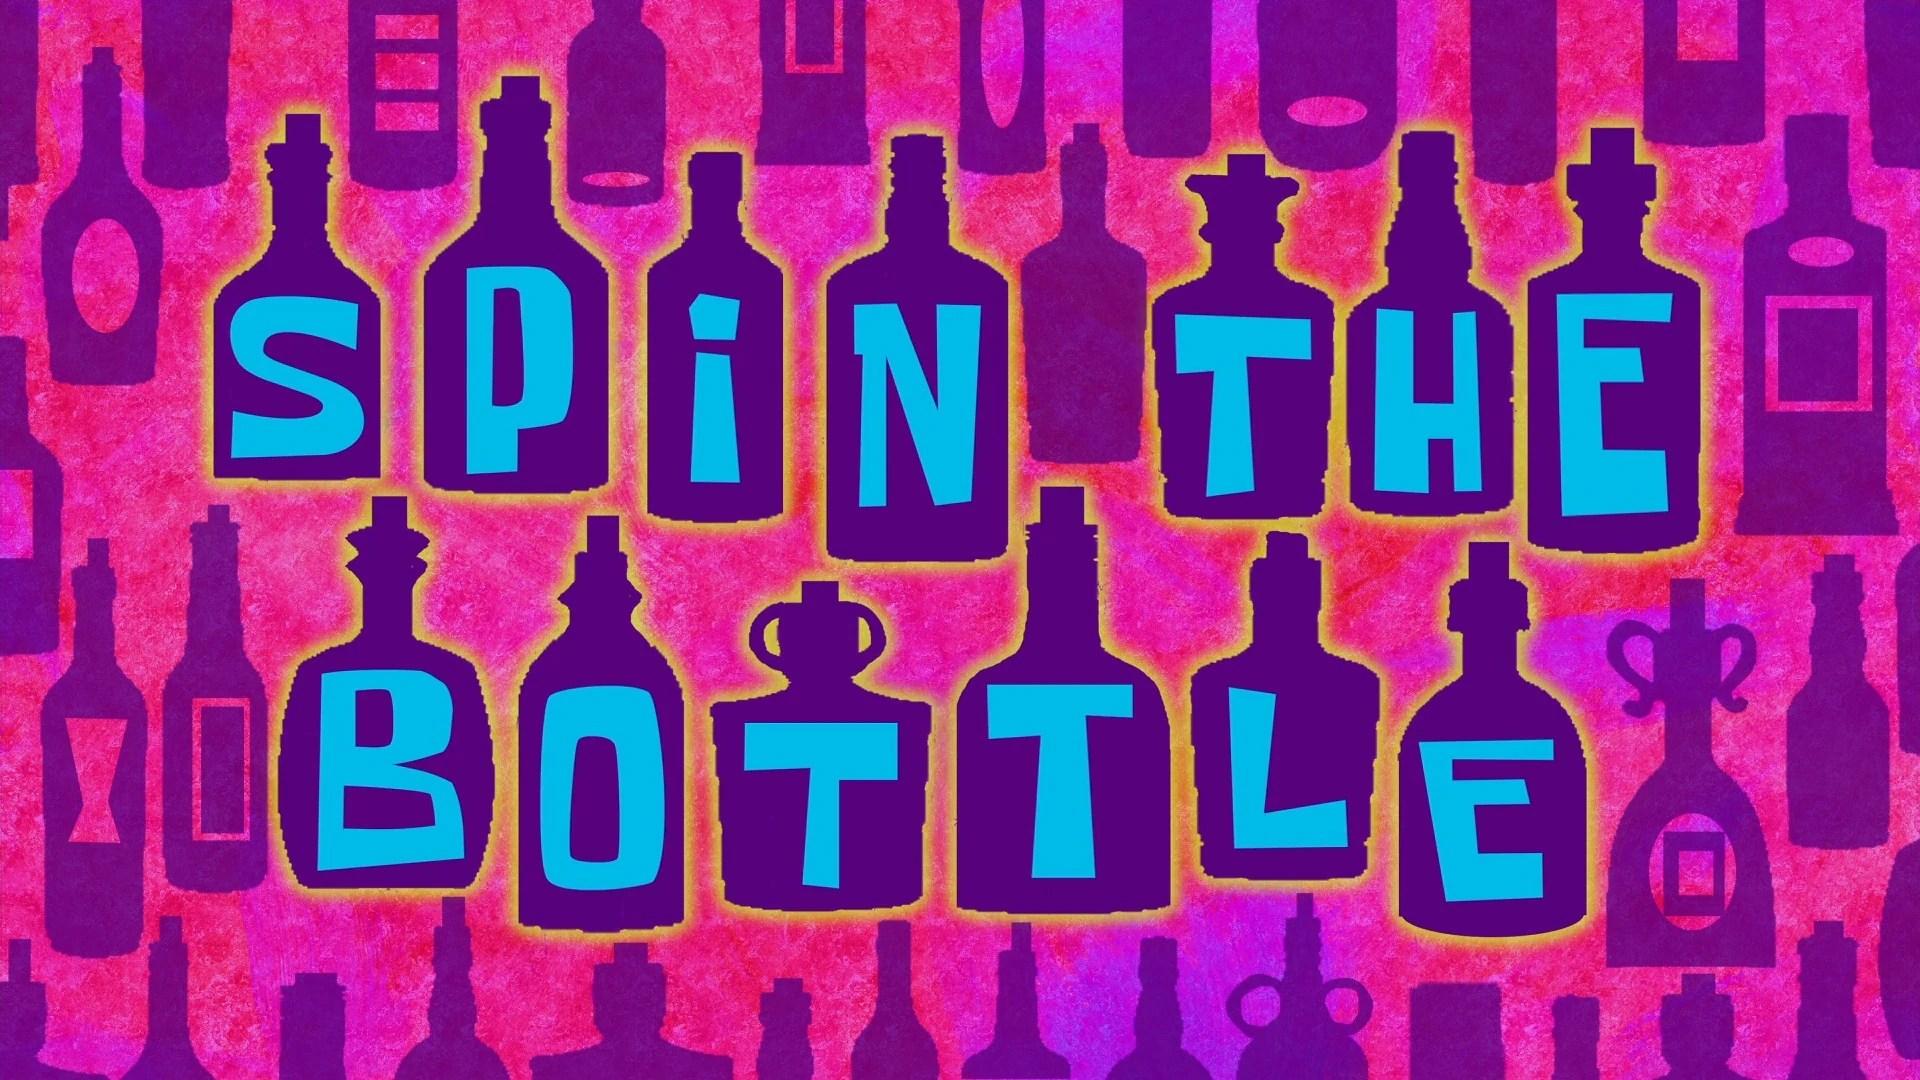 Spin The Bottle Encyclopedia SpongeBobia FANDOM